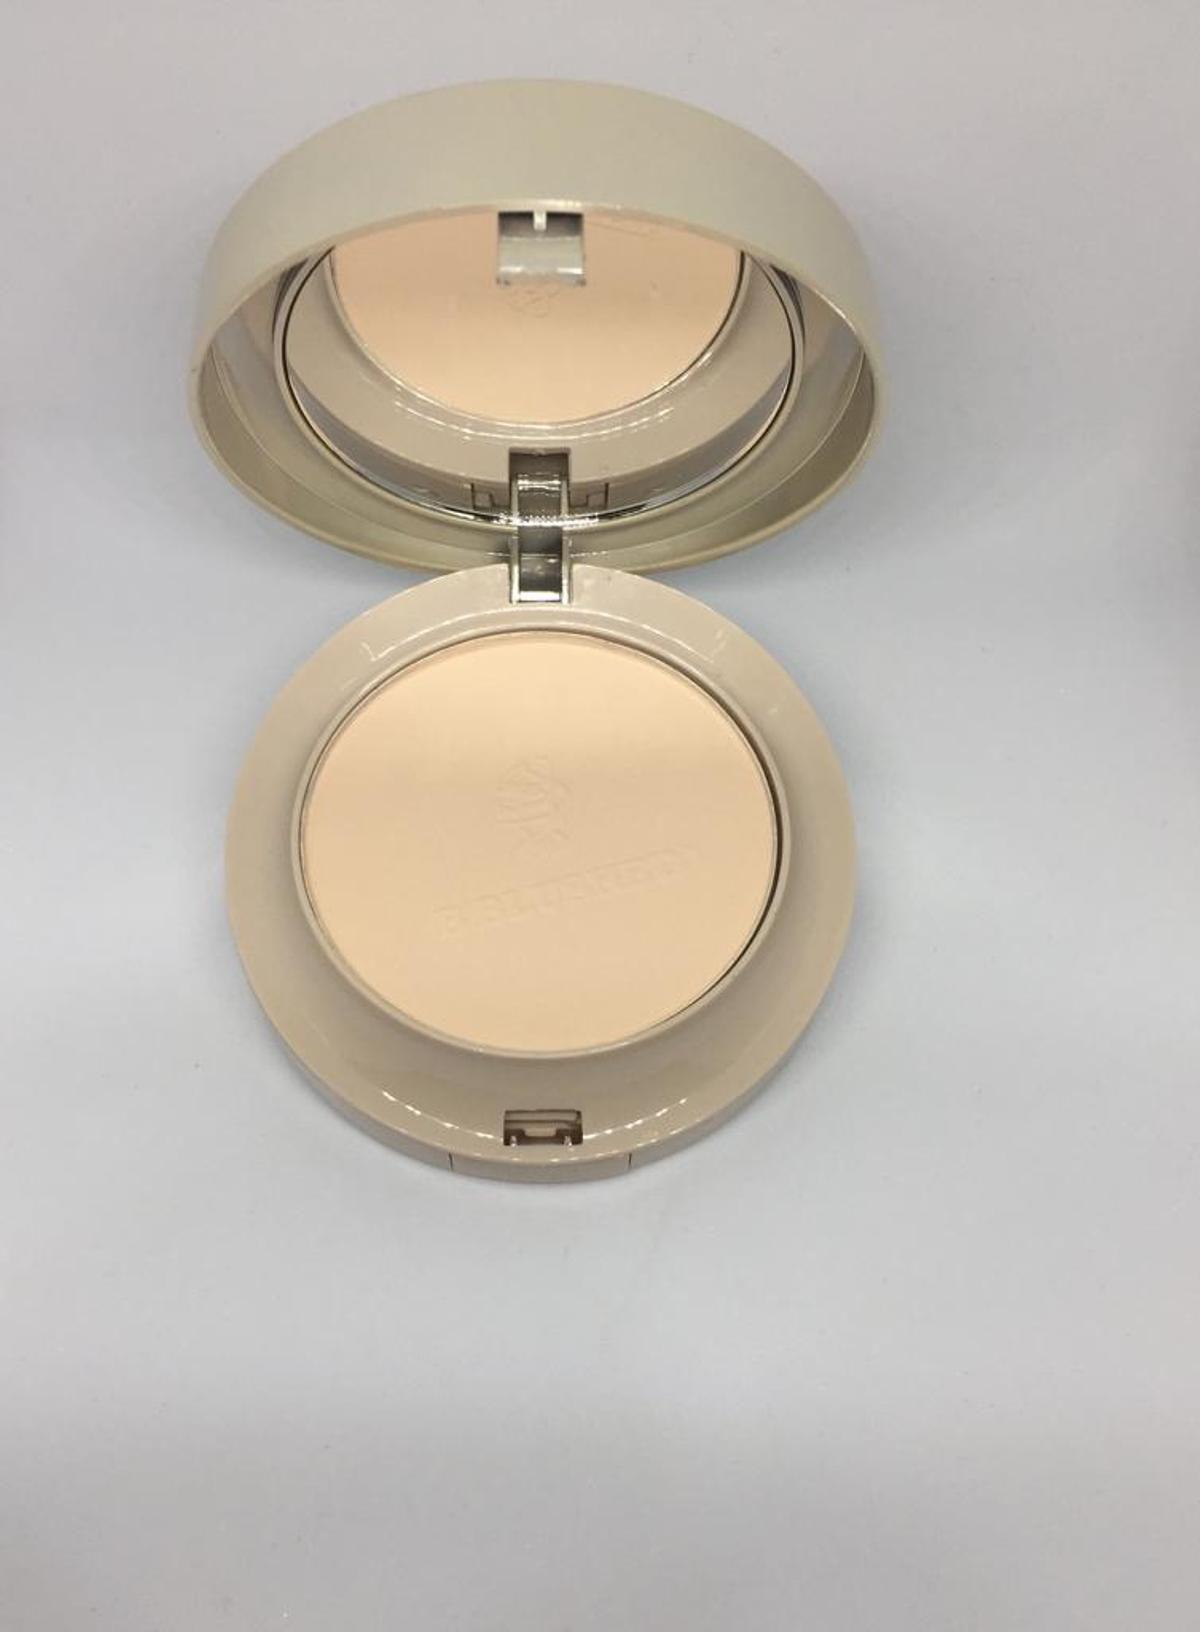 B`BLUSHED Pressed Powder skin 45 g